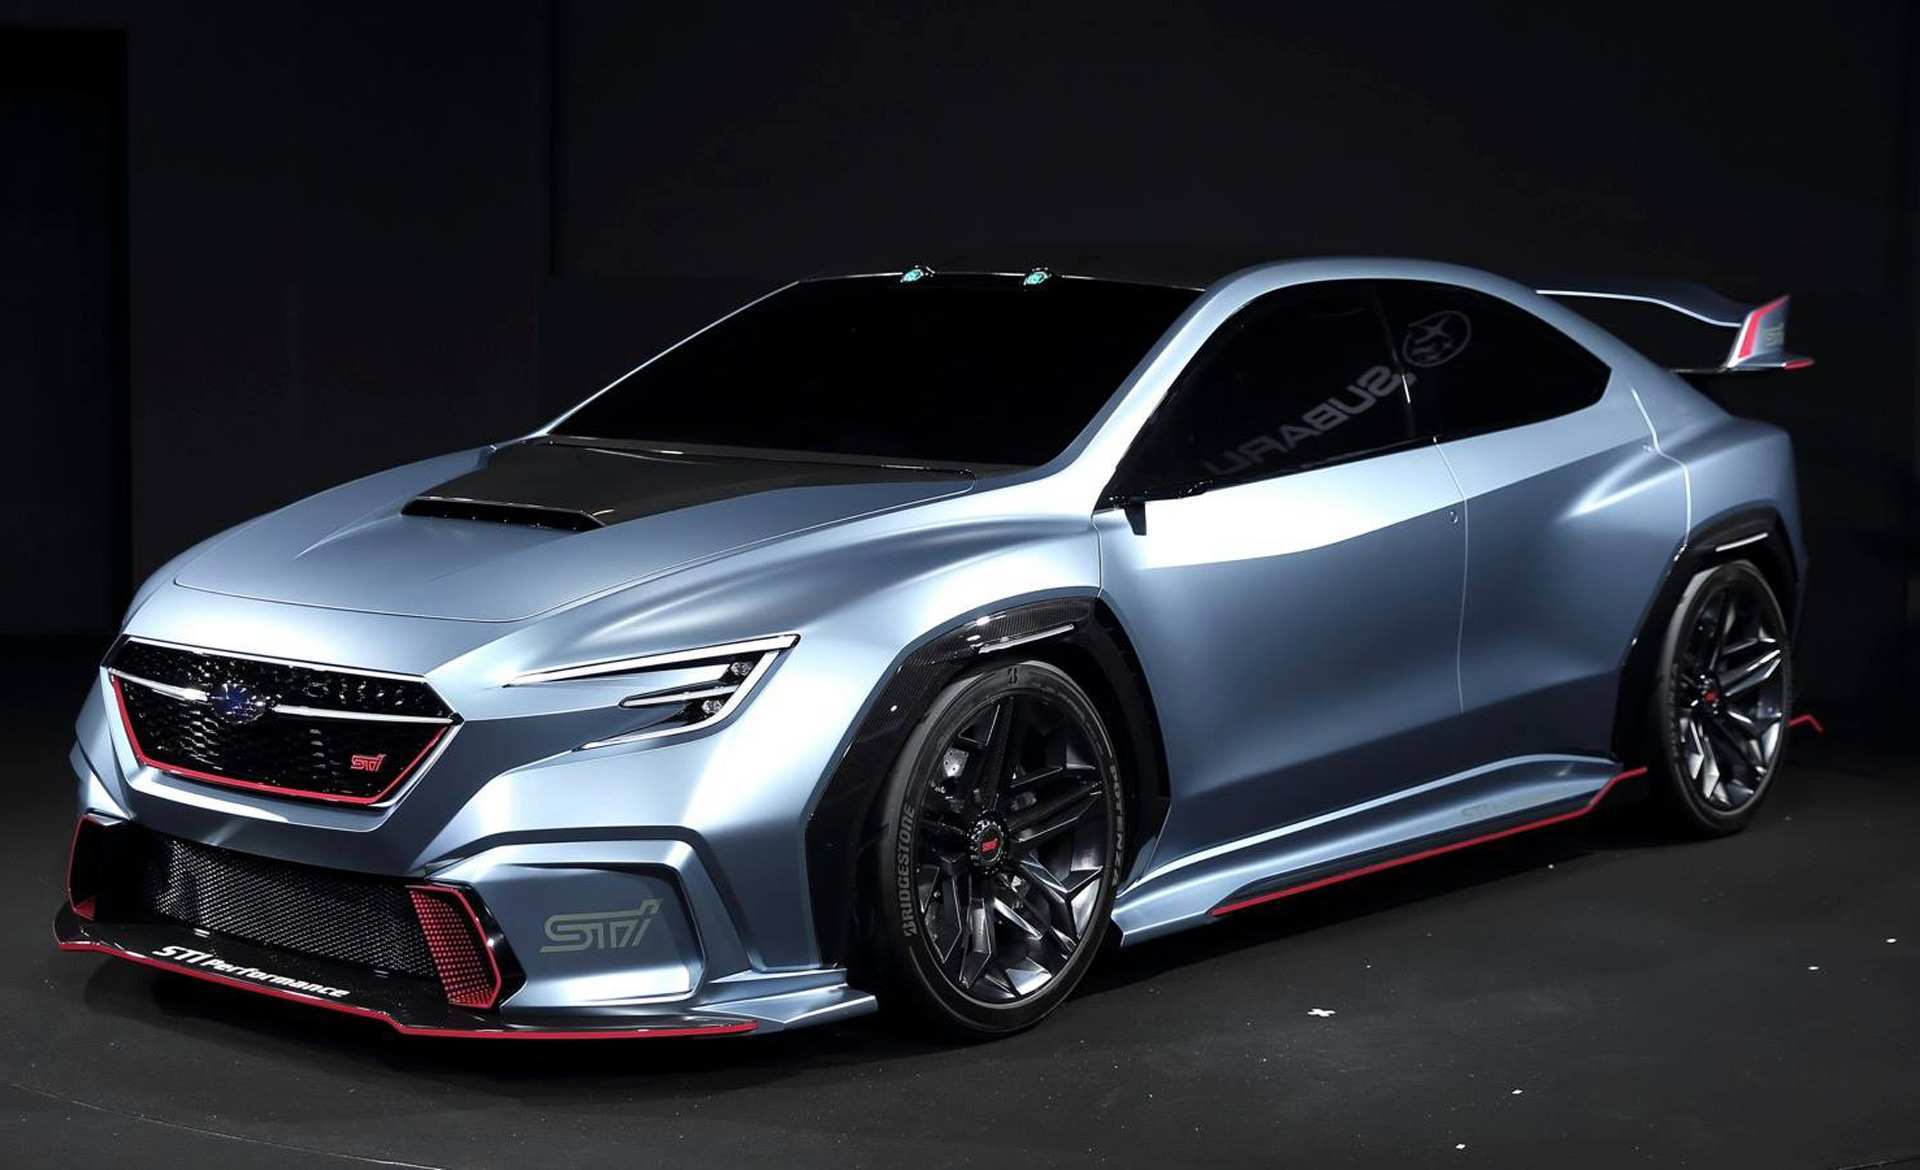 33 All New 2020 Subaru Sti News Review with 2020 Subaru Sti News